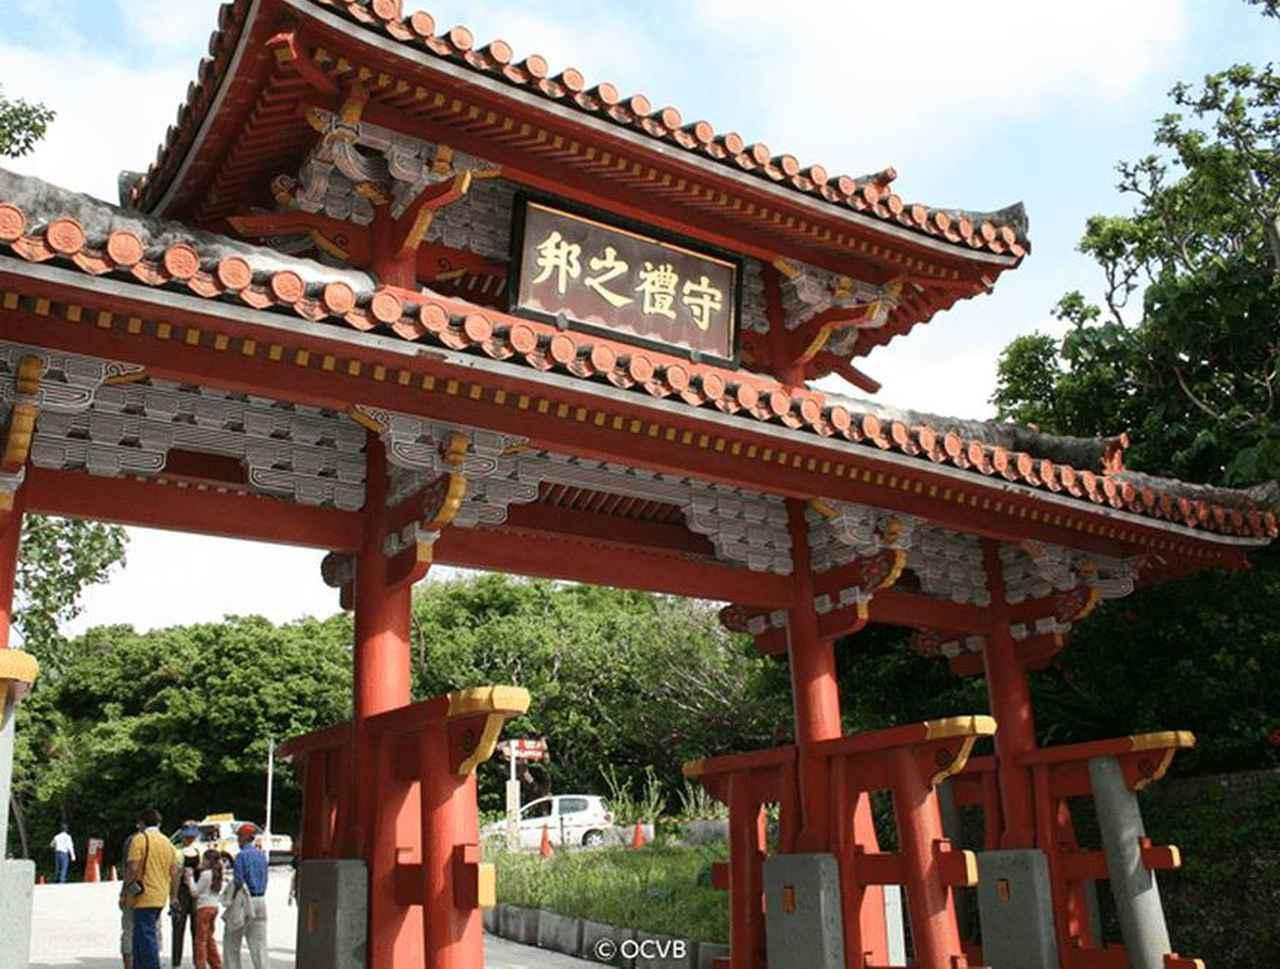 画像: 琉球王国のグスク及び関連遺産群